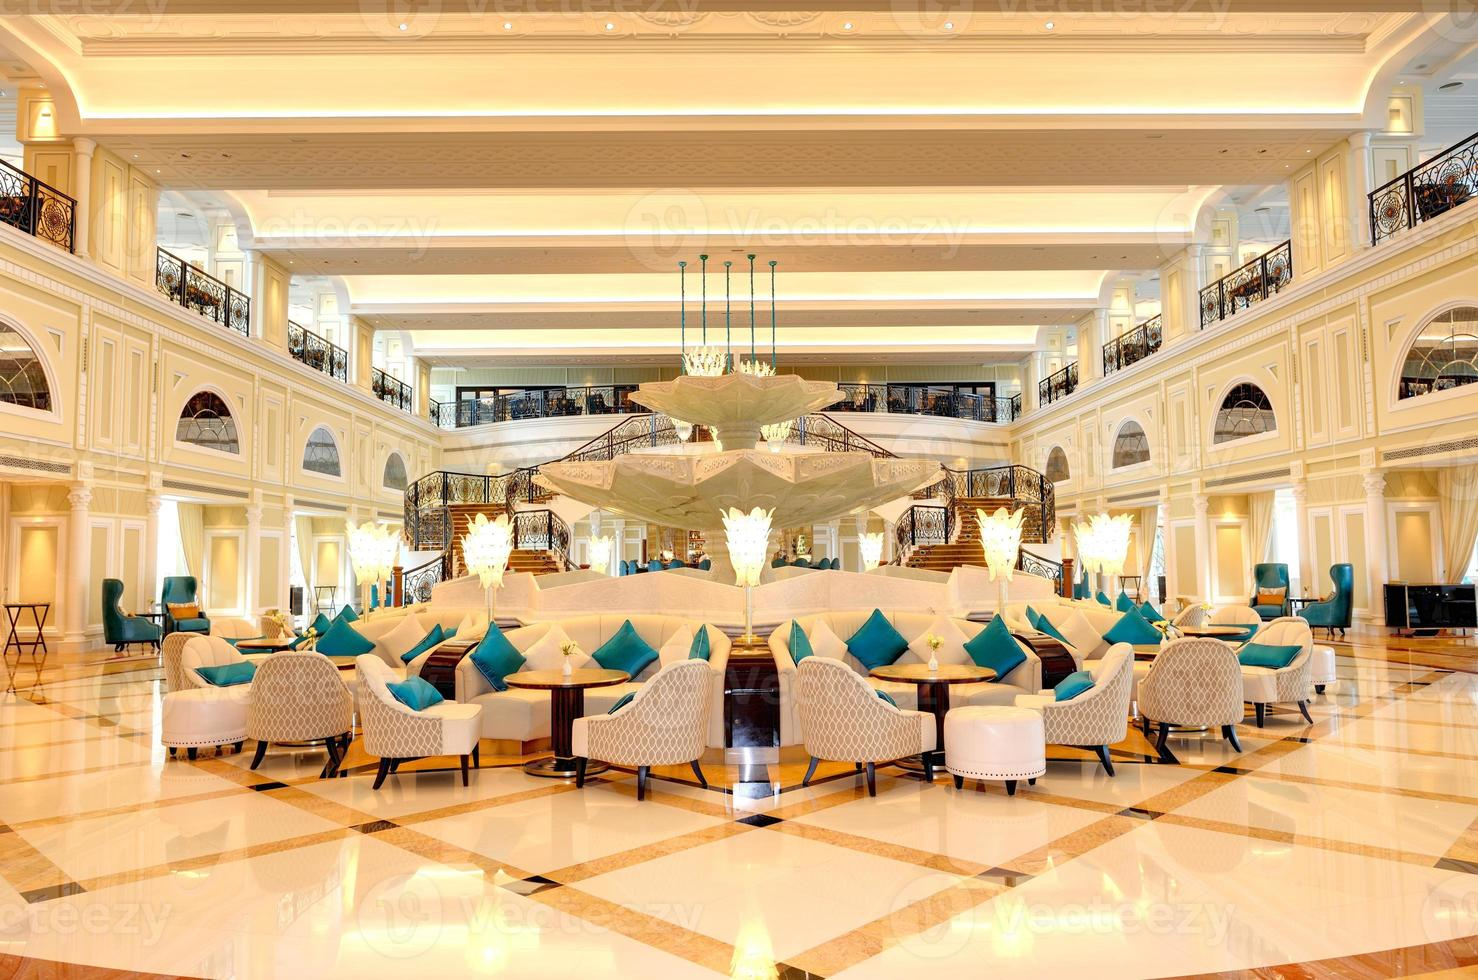 verlichte lobby interieur van een luxe hotel foto